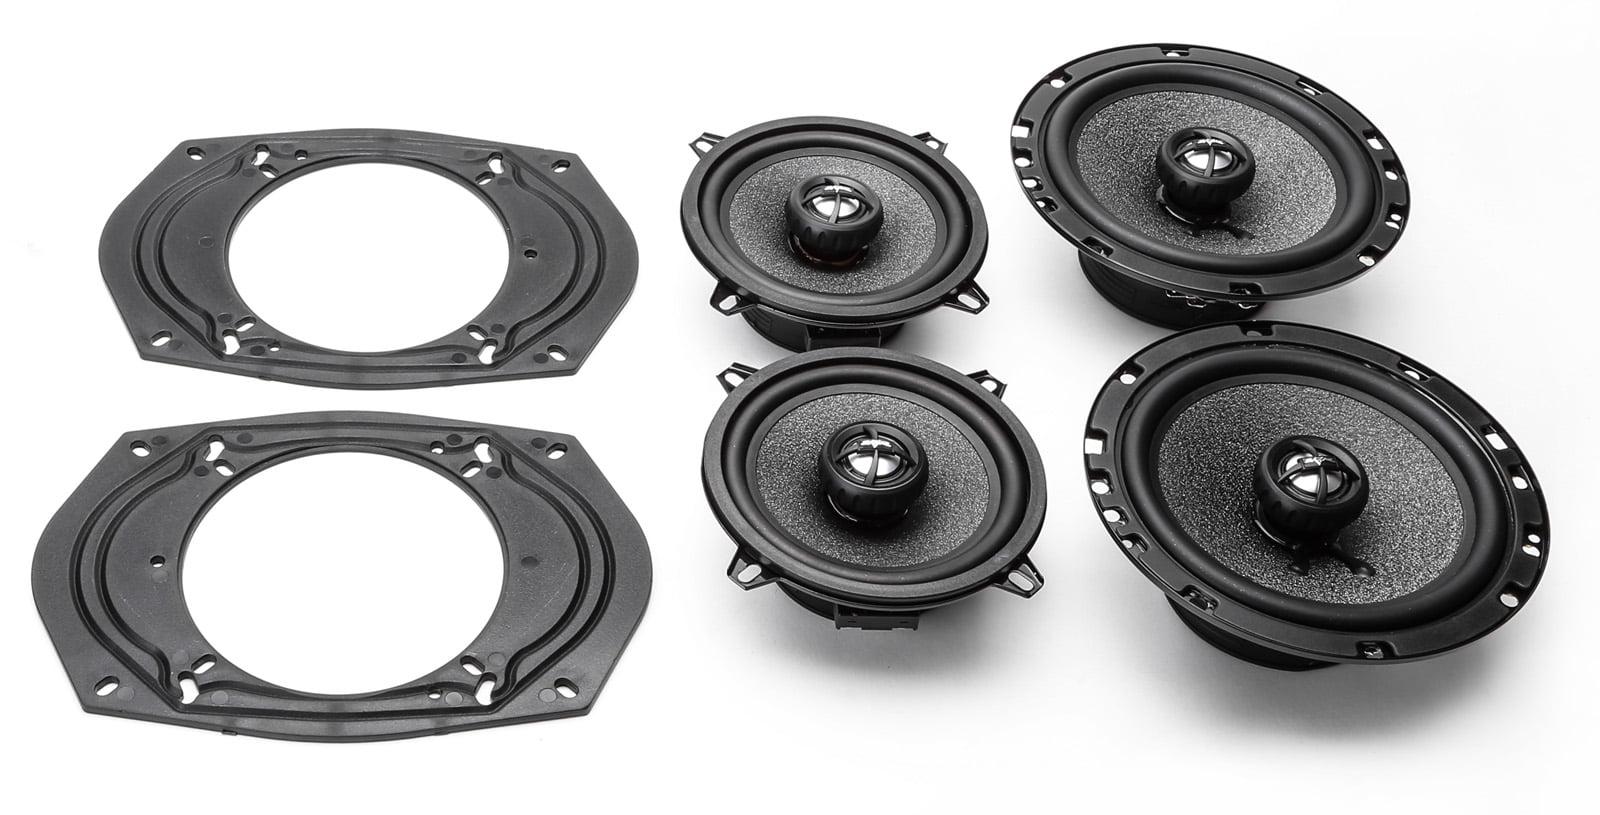 2006-2007 Jeep Commander Complete Front Door & Rear Door Factory Speaker  Upgrade Package by Skar Audio